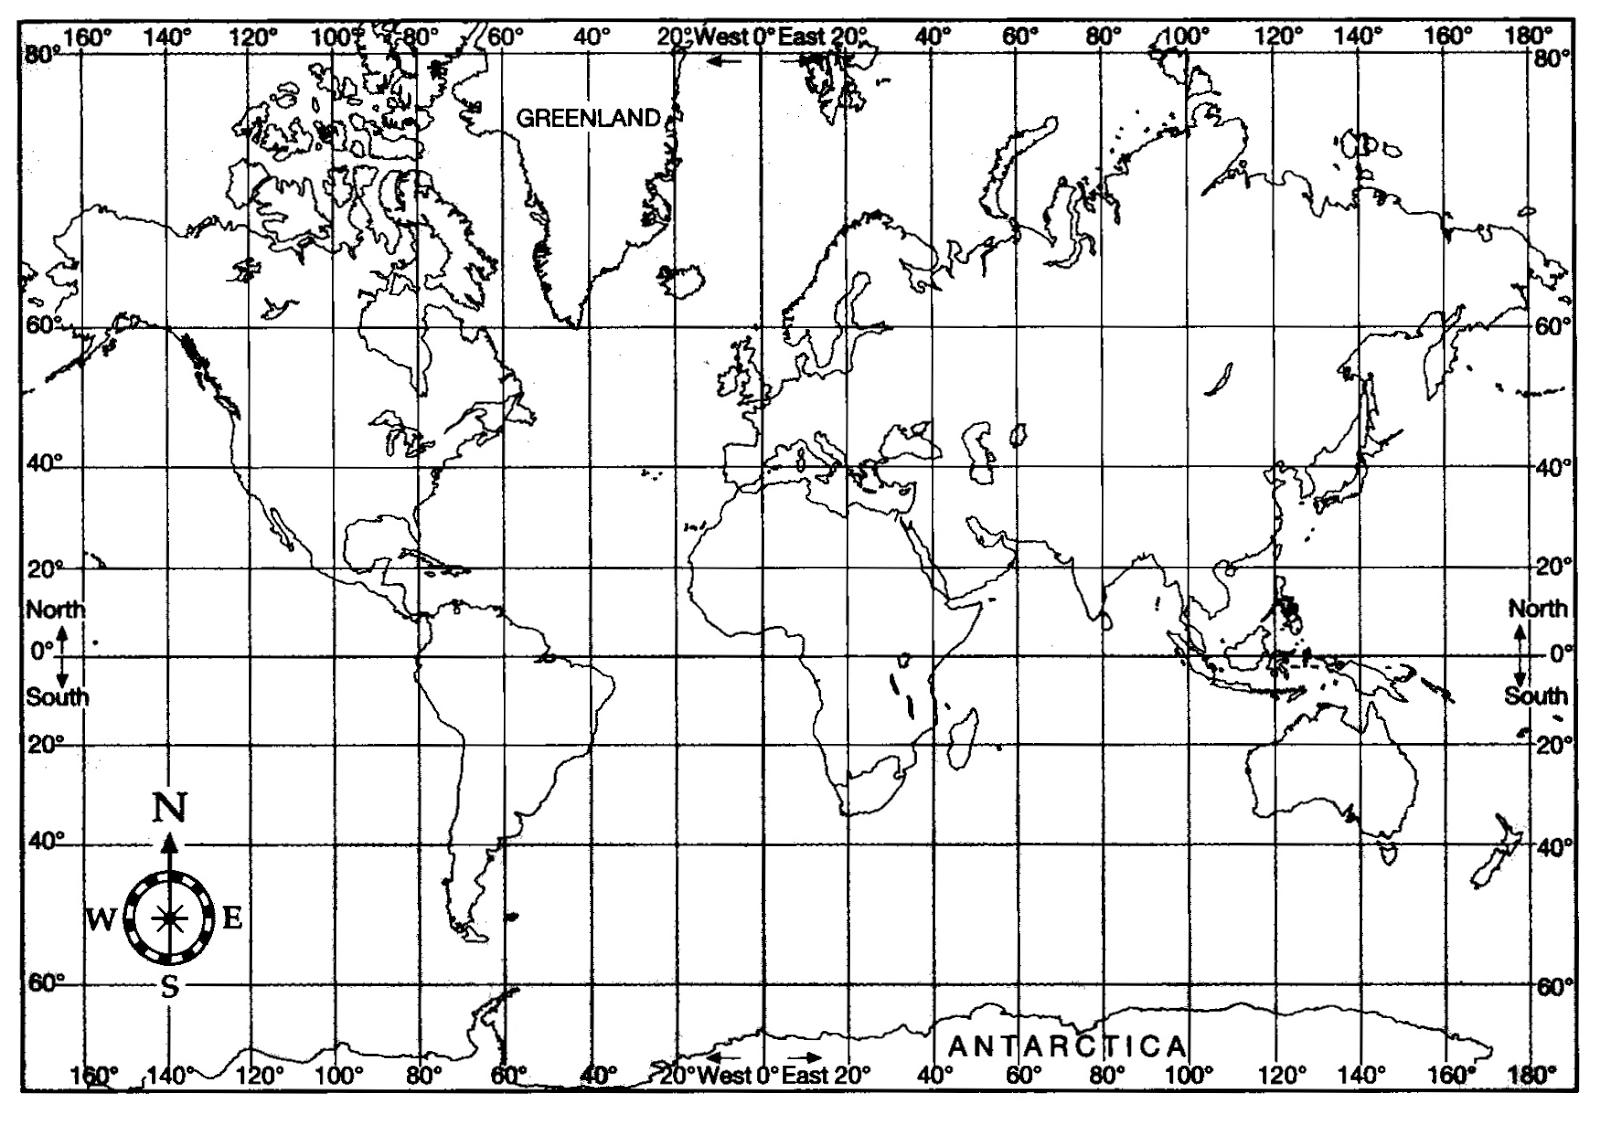 Workbooks longitude and latitude worksheets 6th grade : Latitude and longitude us map